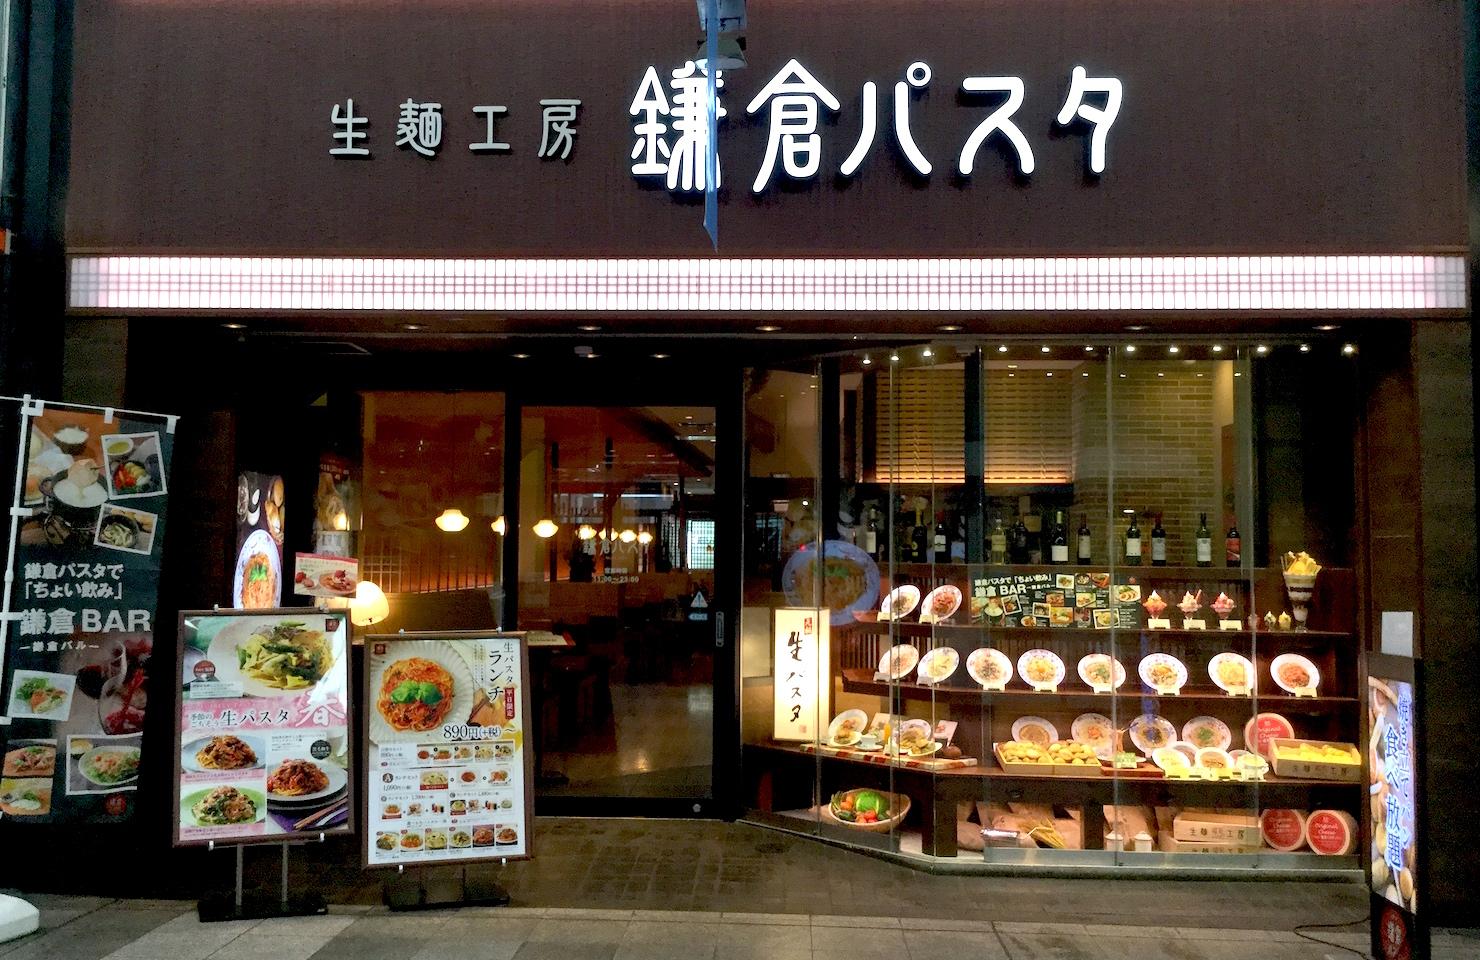 鎌倉パスタ 松山銀天街店